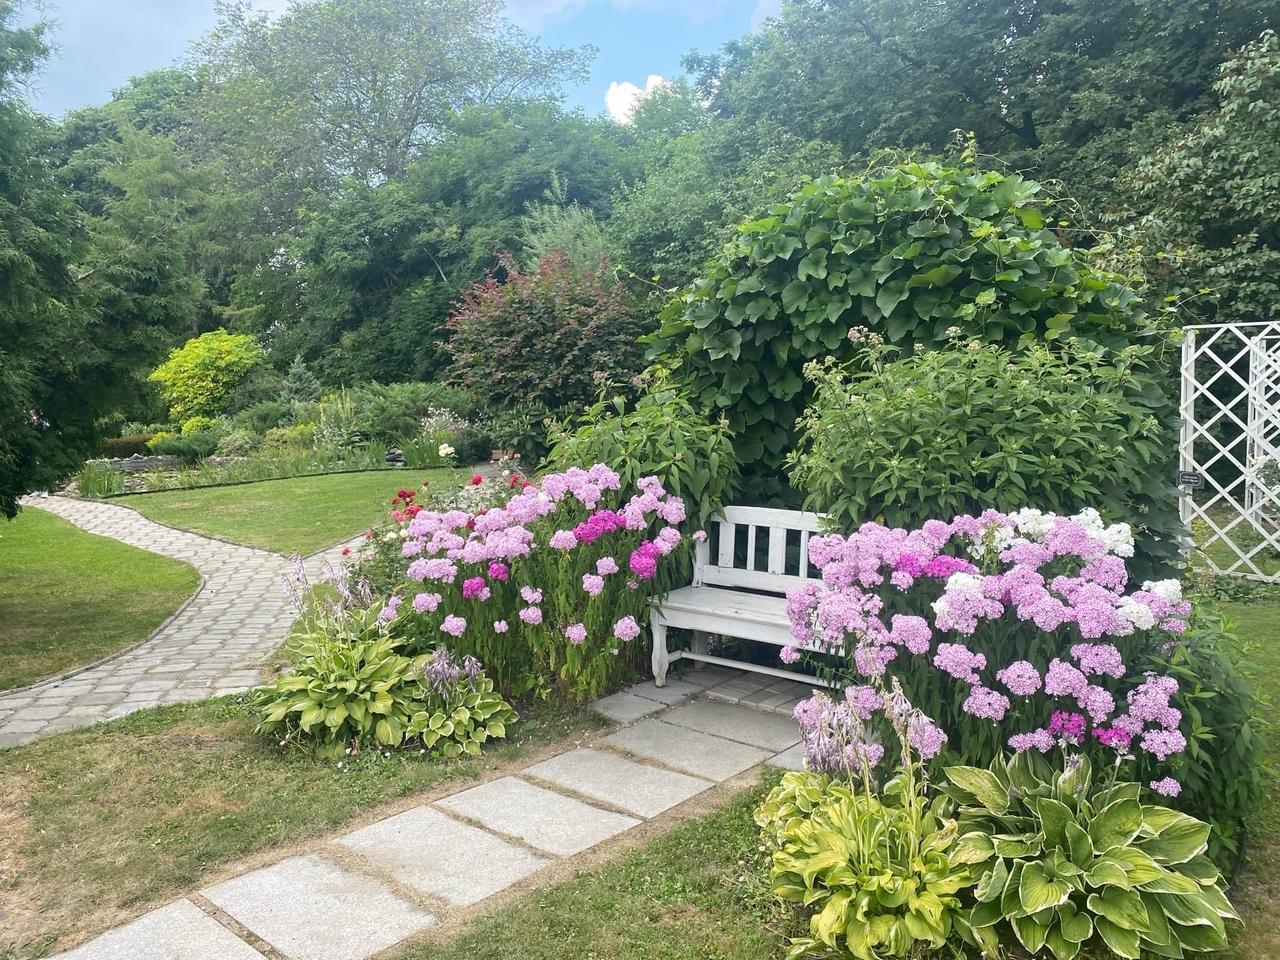 7 сентября – день памяти ХК «Локомотив». Ботанический сад будет открыт для всех желающих